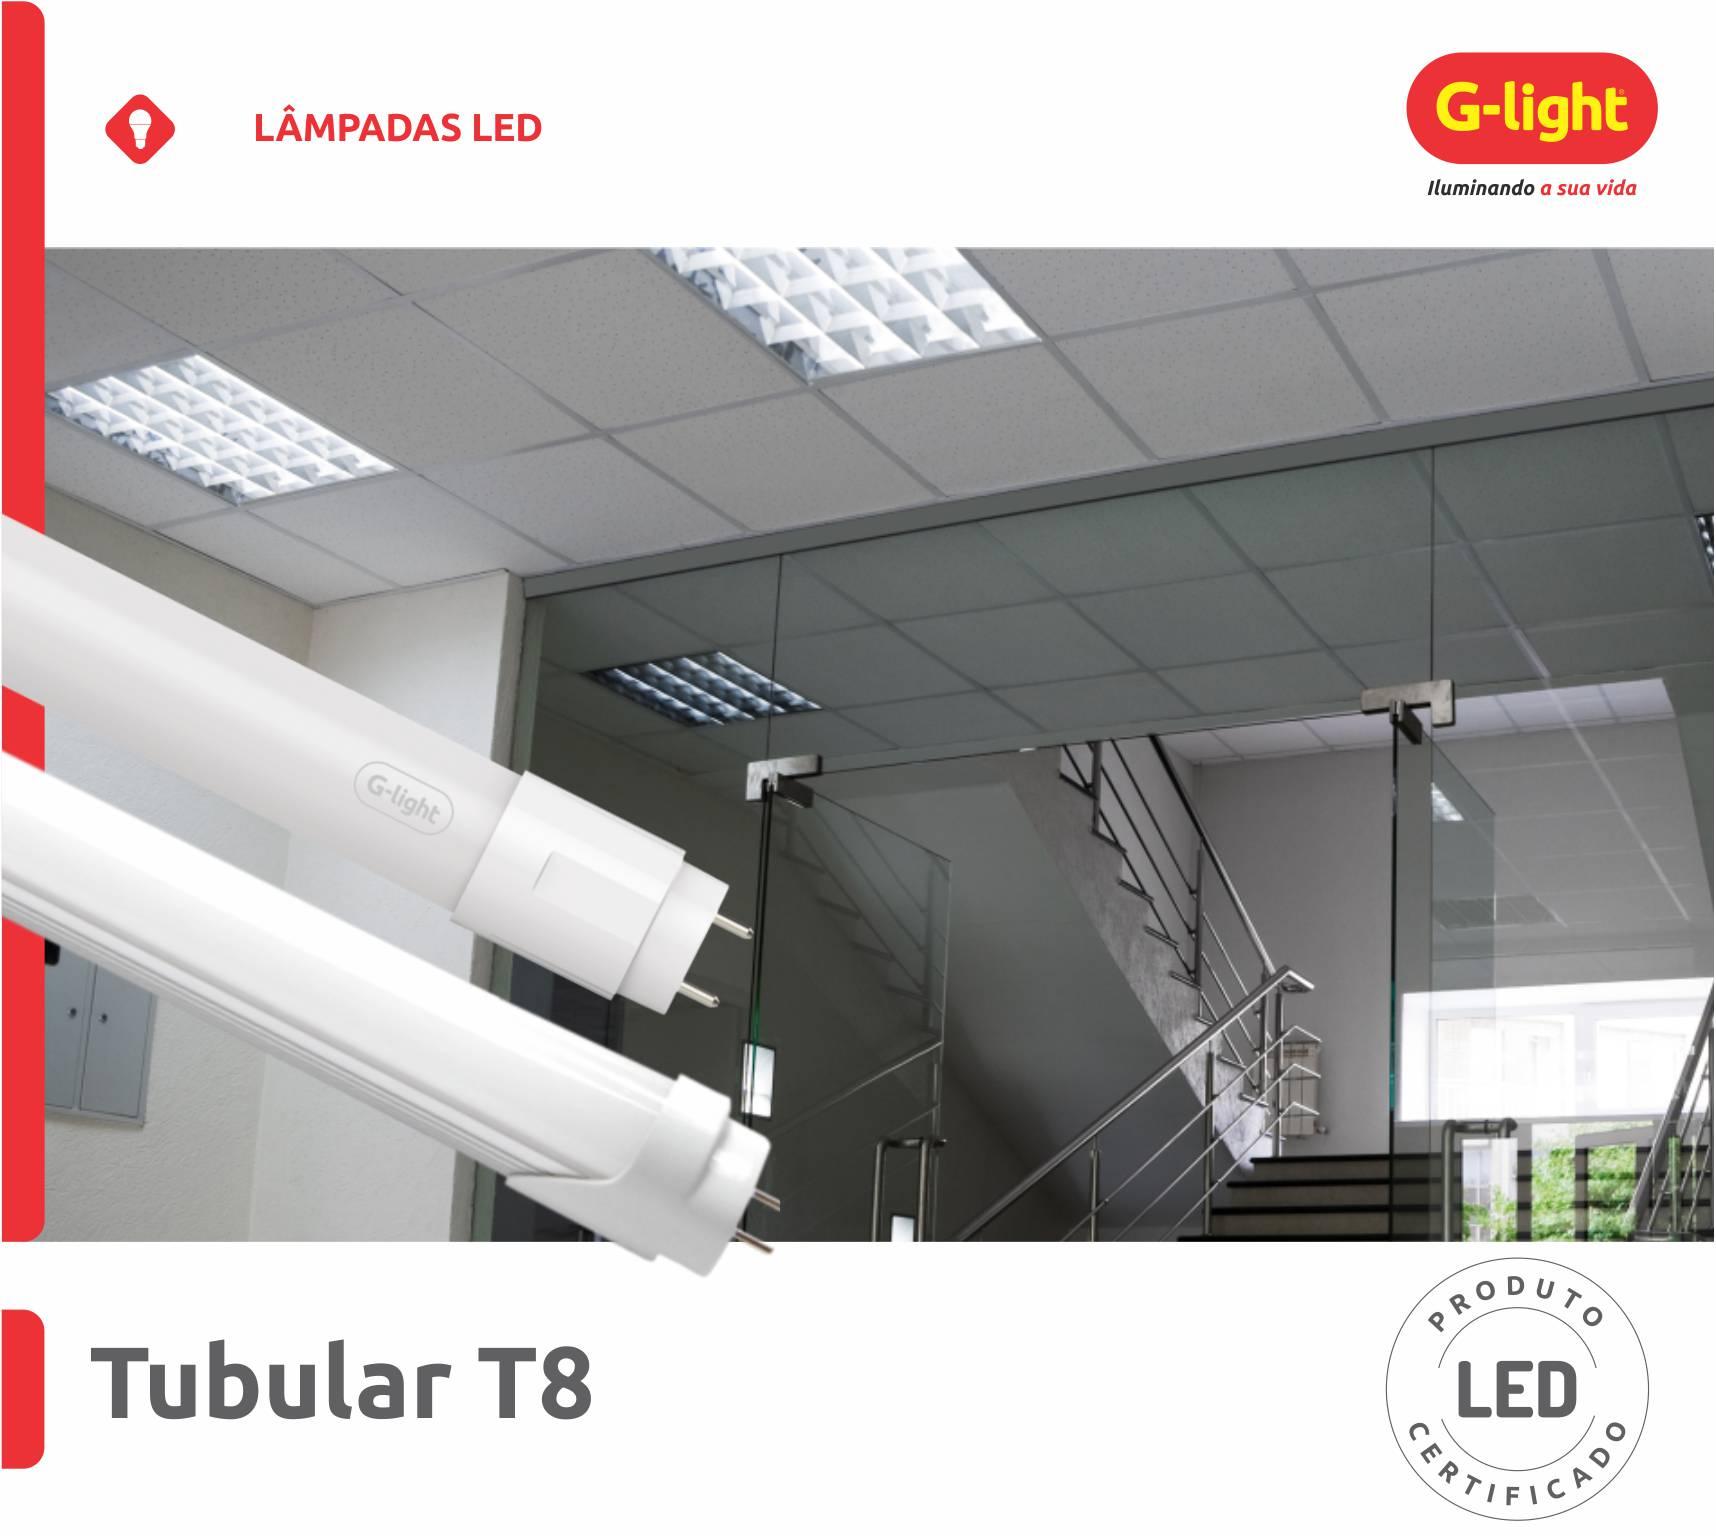 T8 Tubular